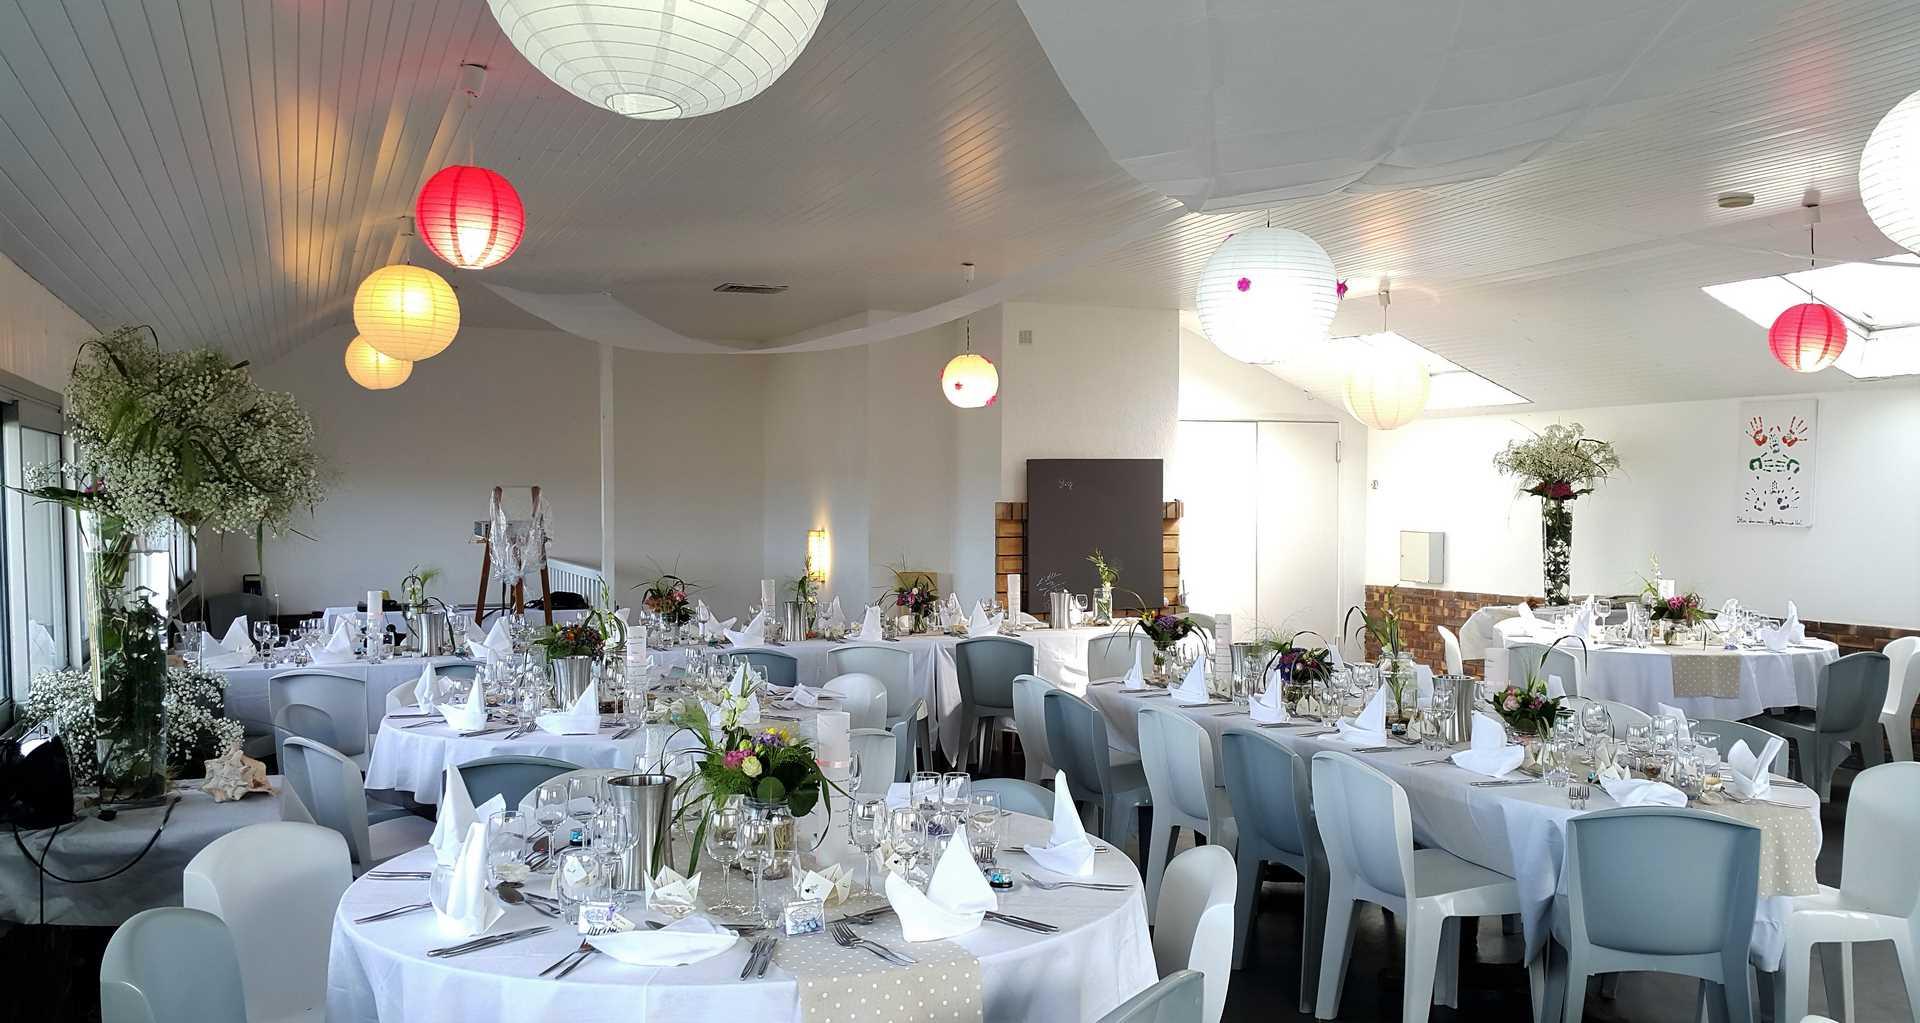 salle de mariage brest réception tables